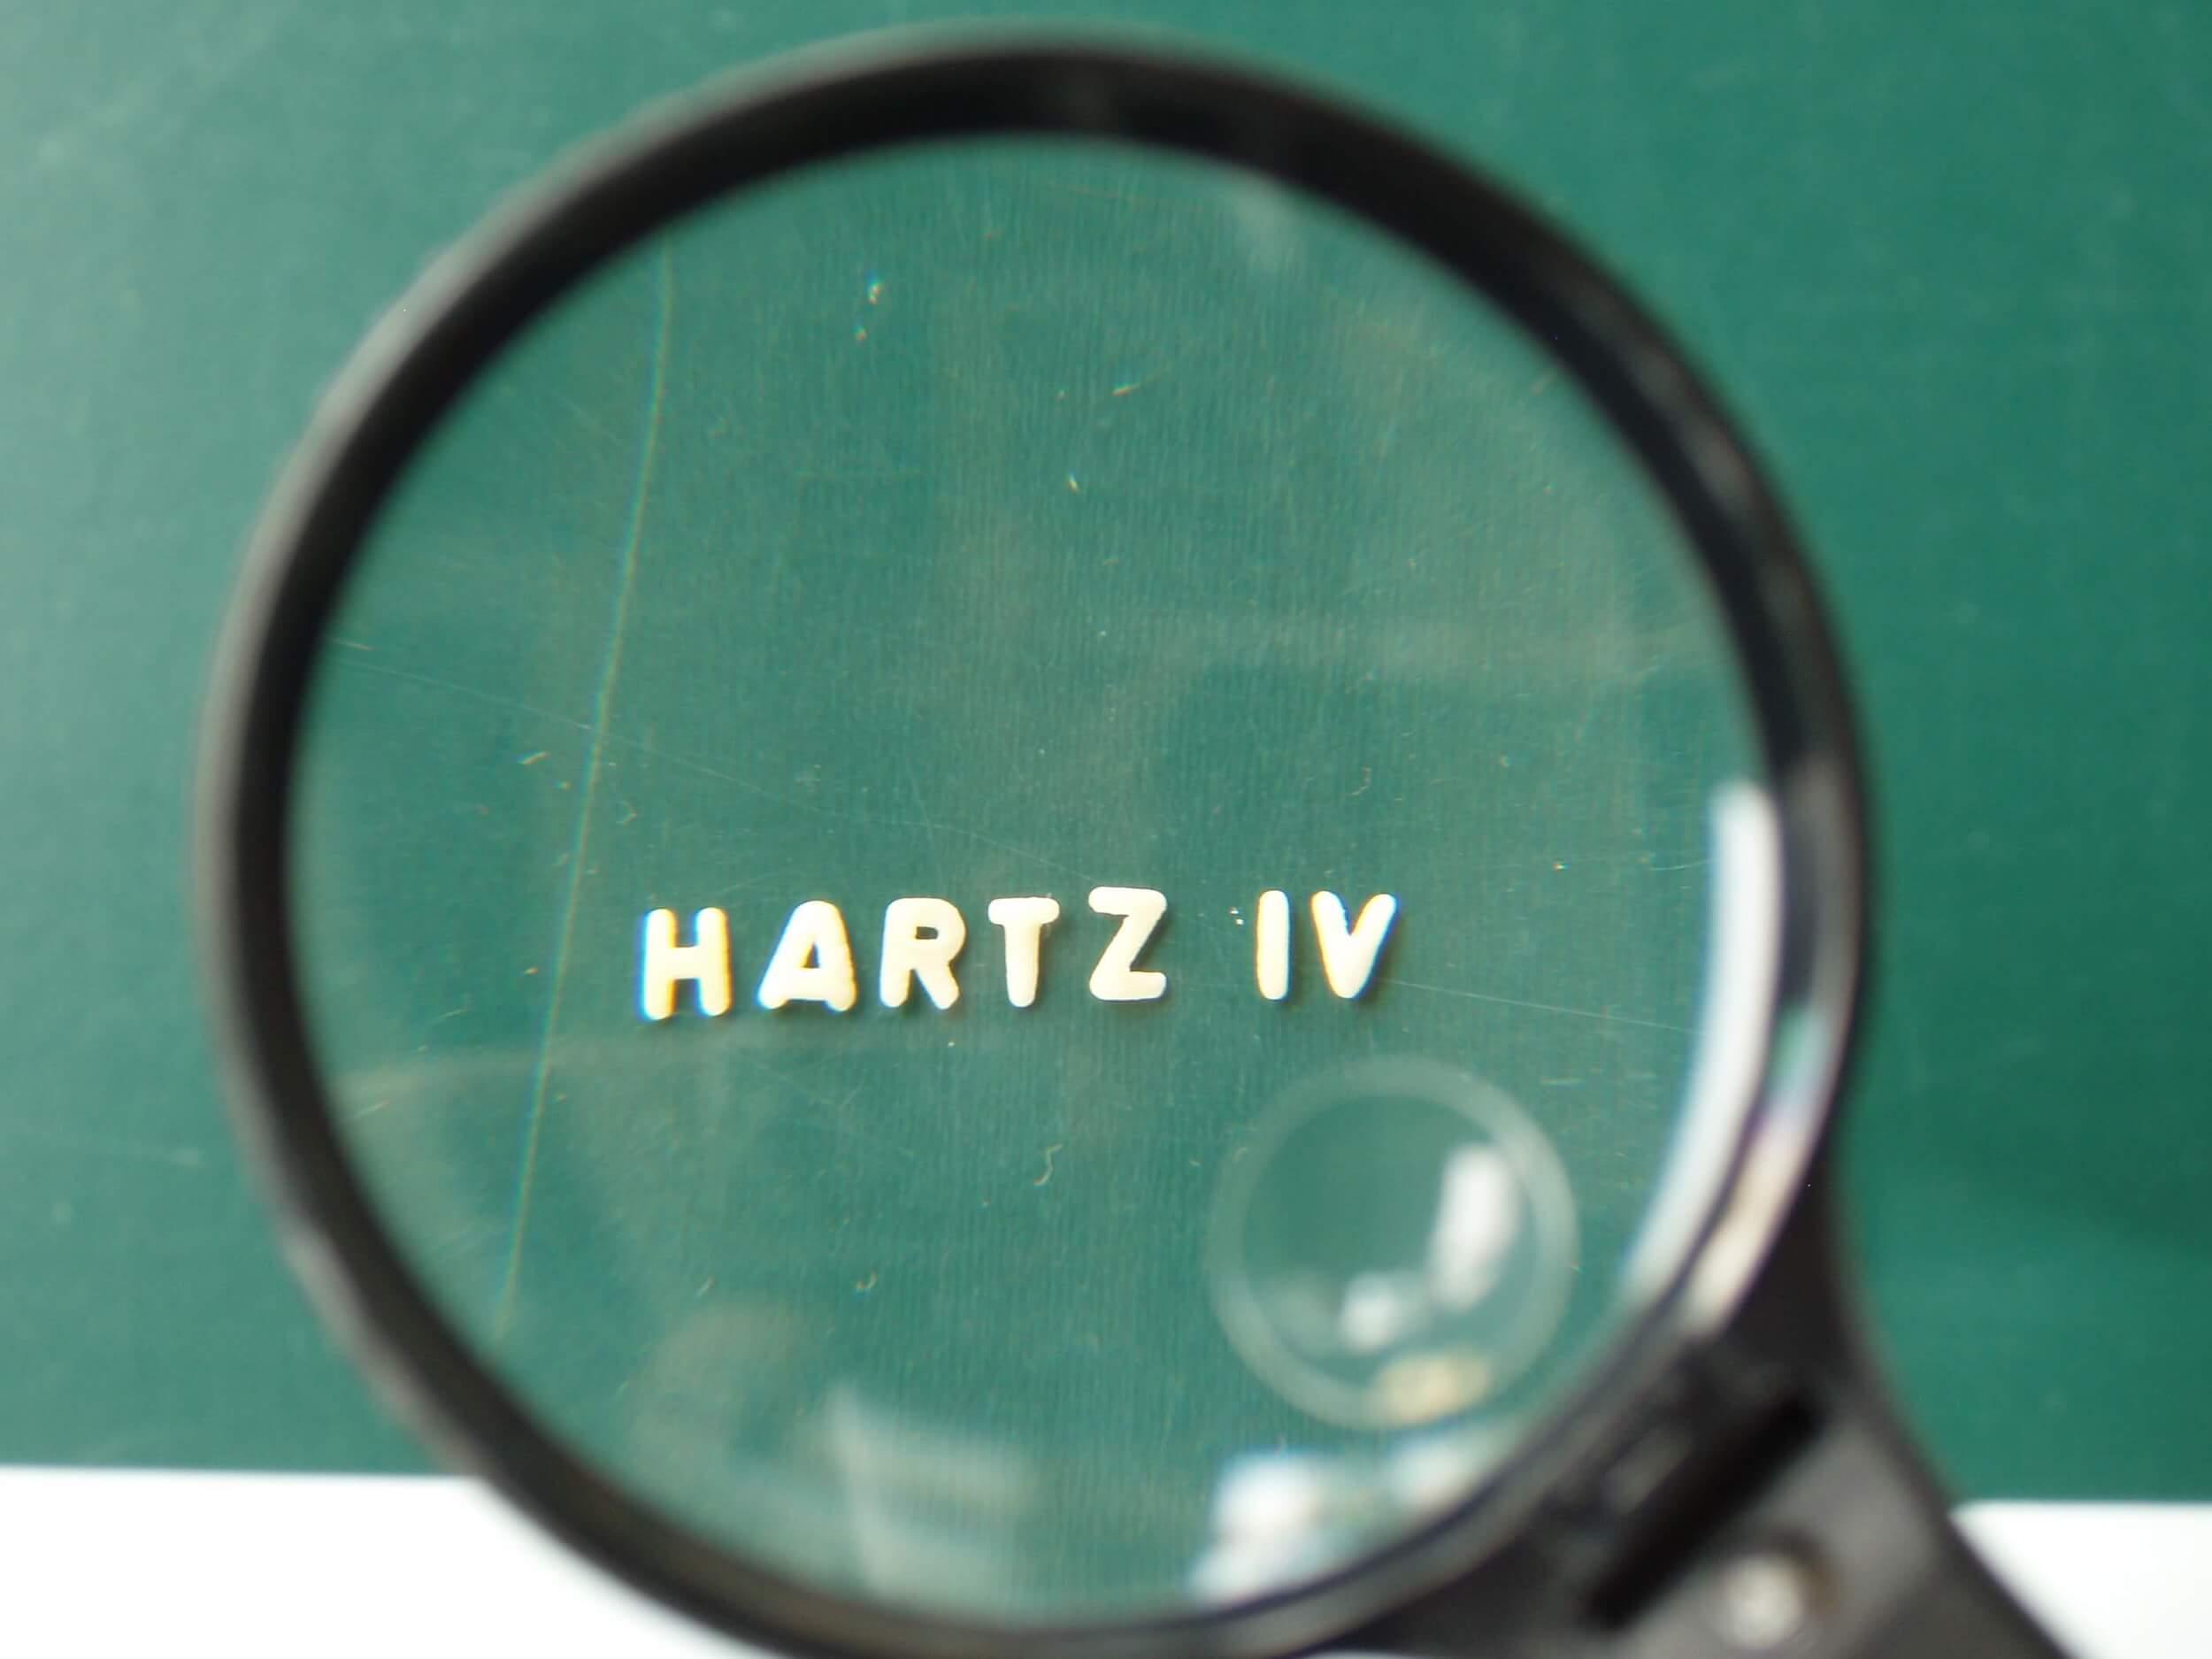 Arbeit | Hartz4 Lupe (c) Klaus-Uwe Gerhardt / pixelio.de